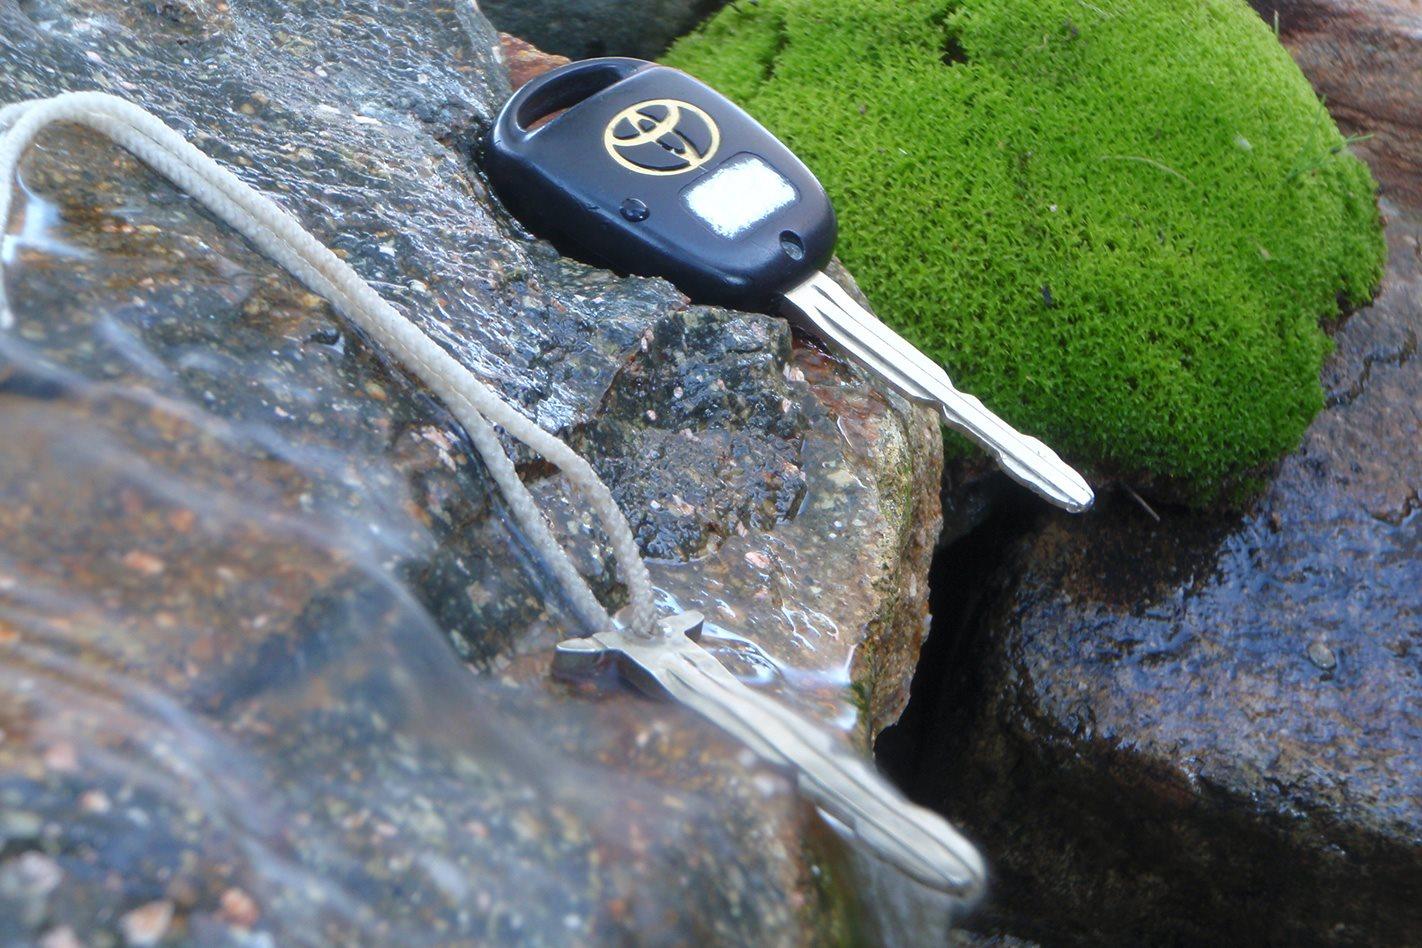 The Dumb Key